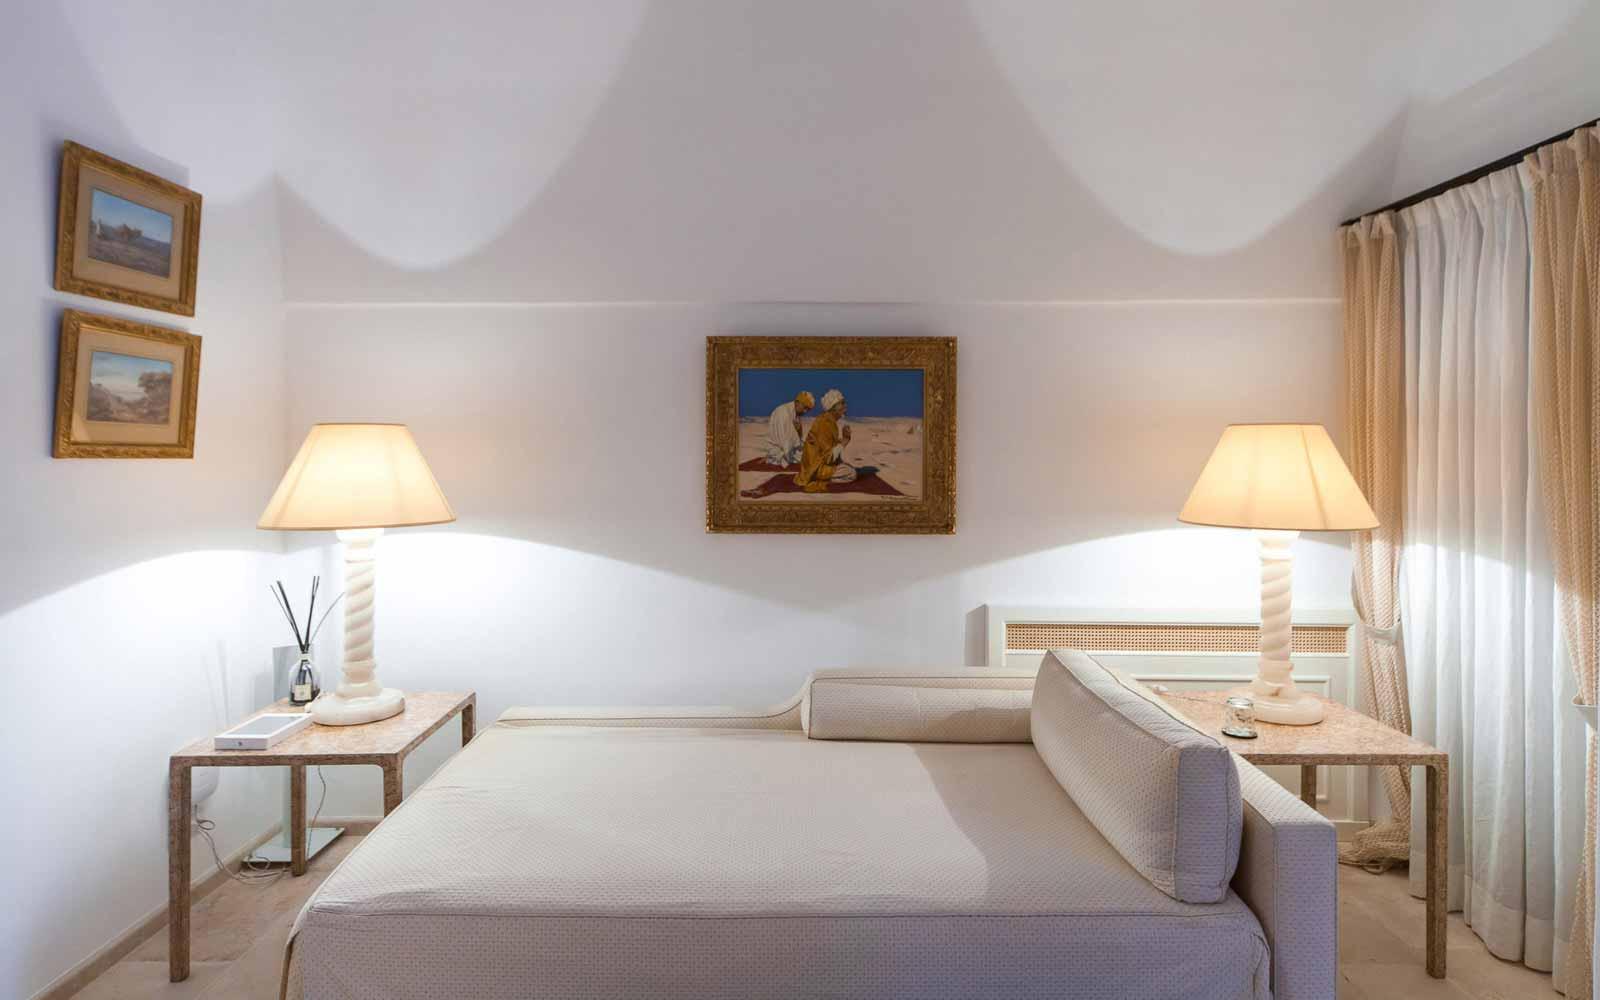 Living area at La Residenza of Masseria Pettolecchia